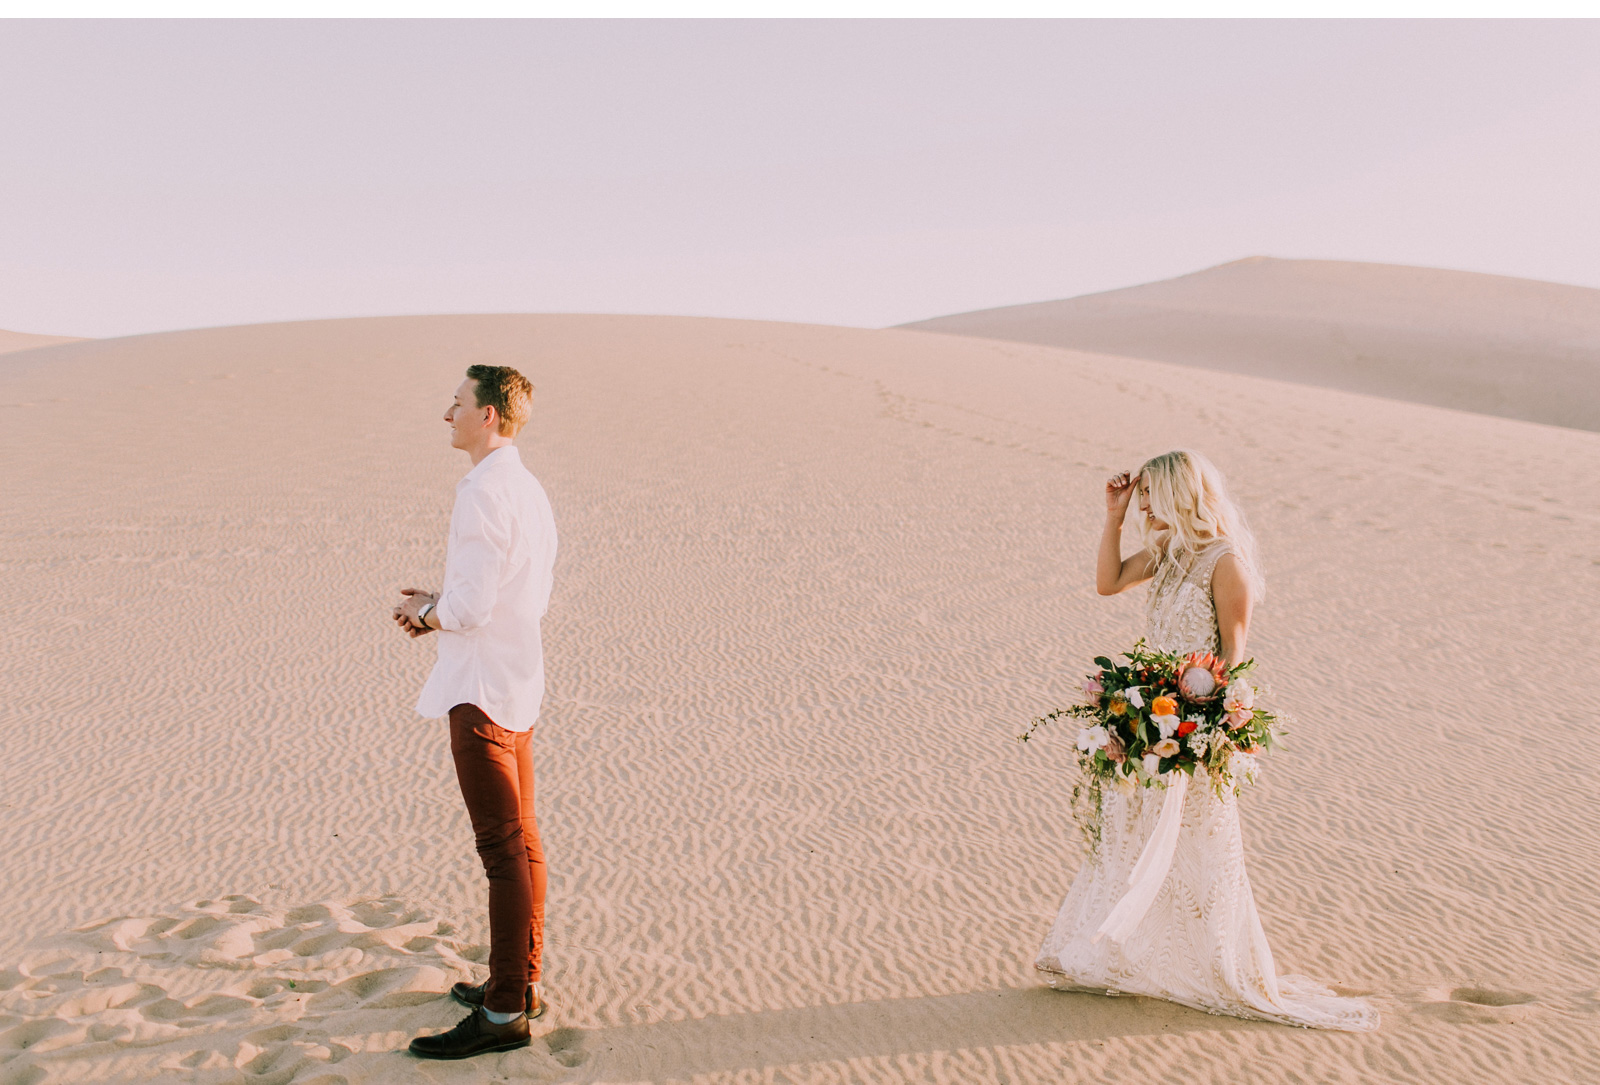 Adventure-Wedding-Green-Wedding-Shoes-Natalie-Schutt-Photography_05.jpg